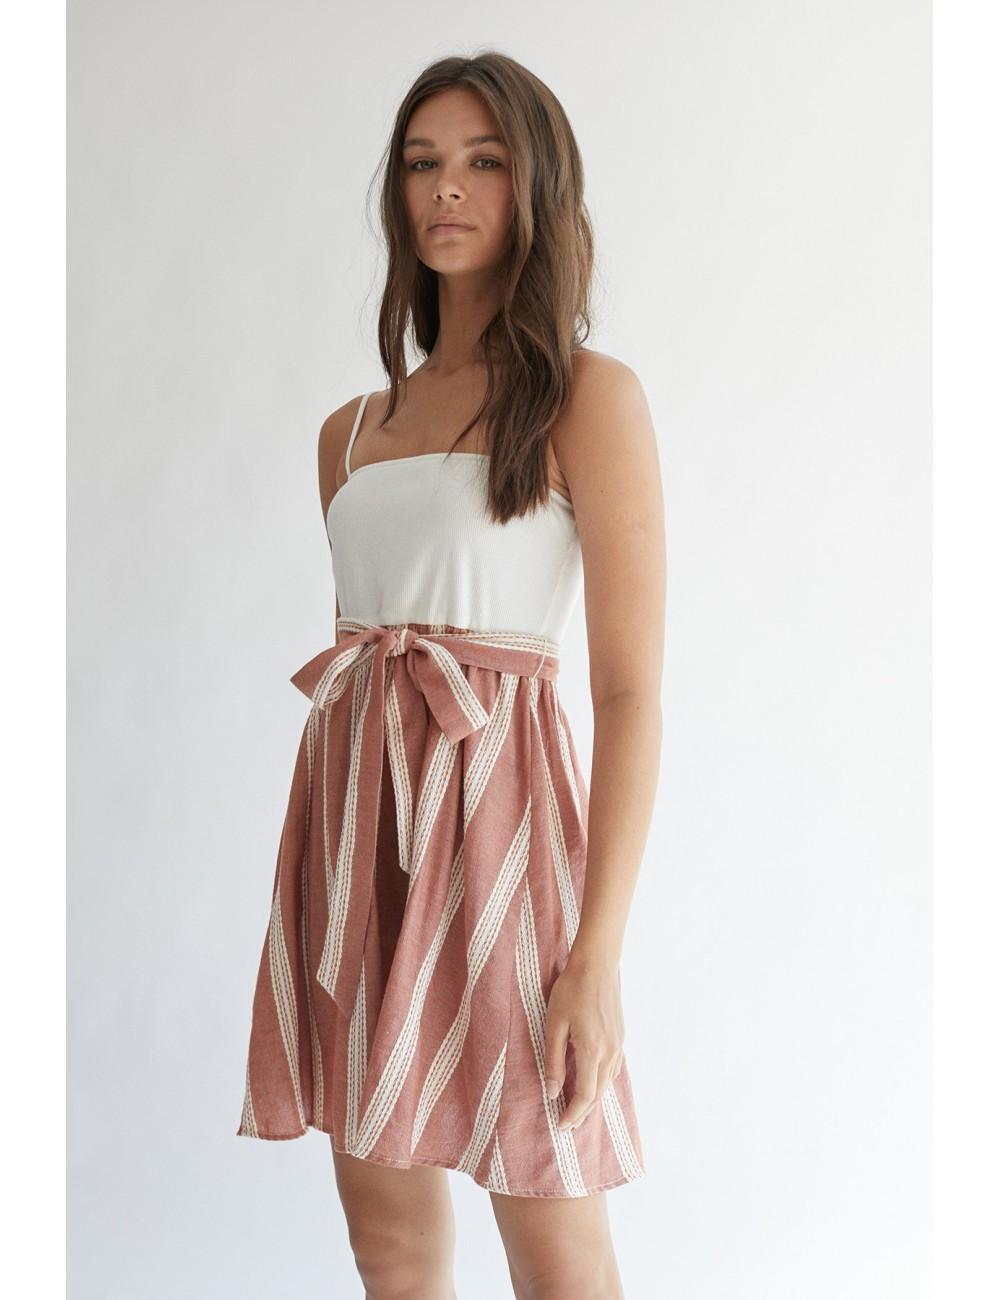 Vestido de tirantes corto con estampado de rayas en la falda